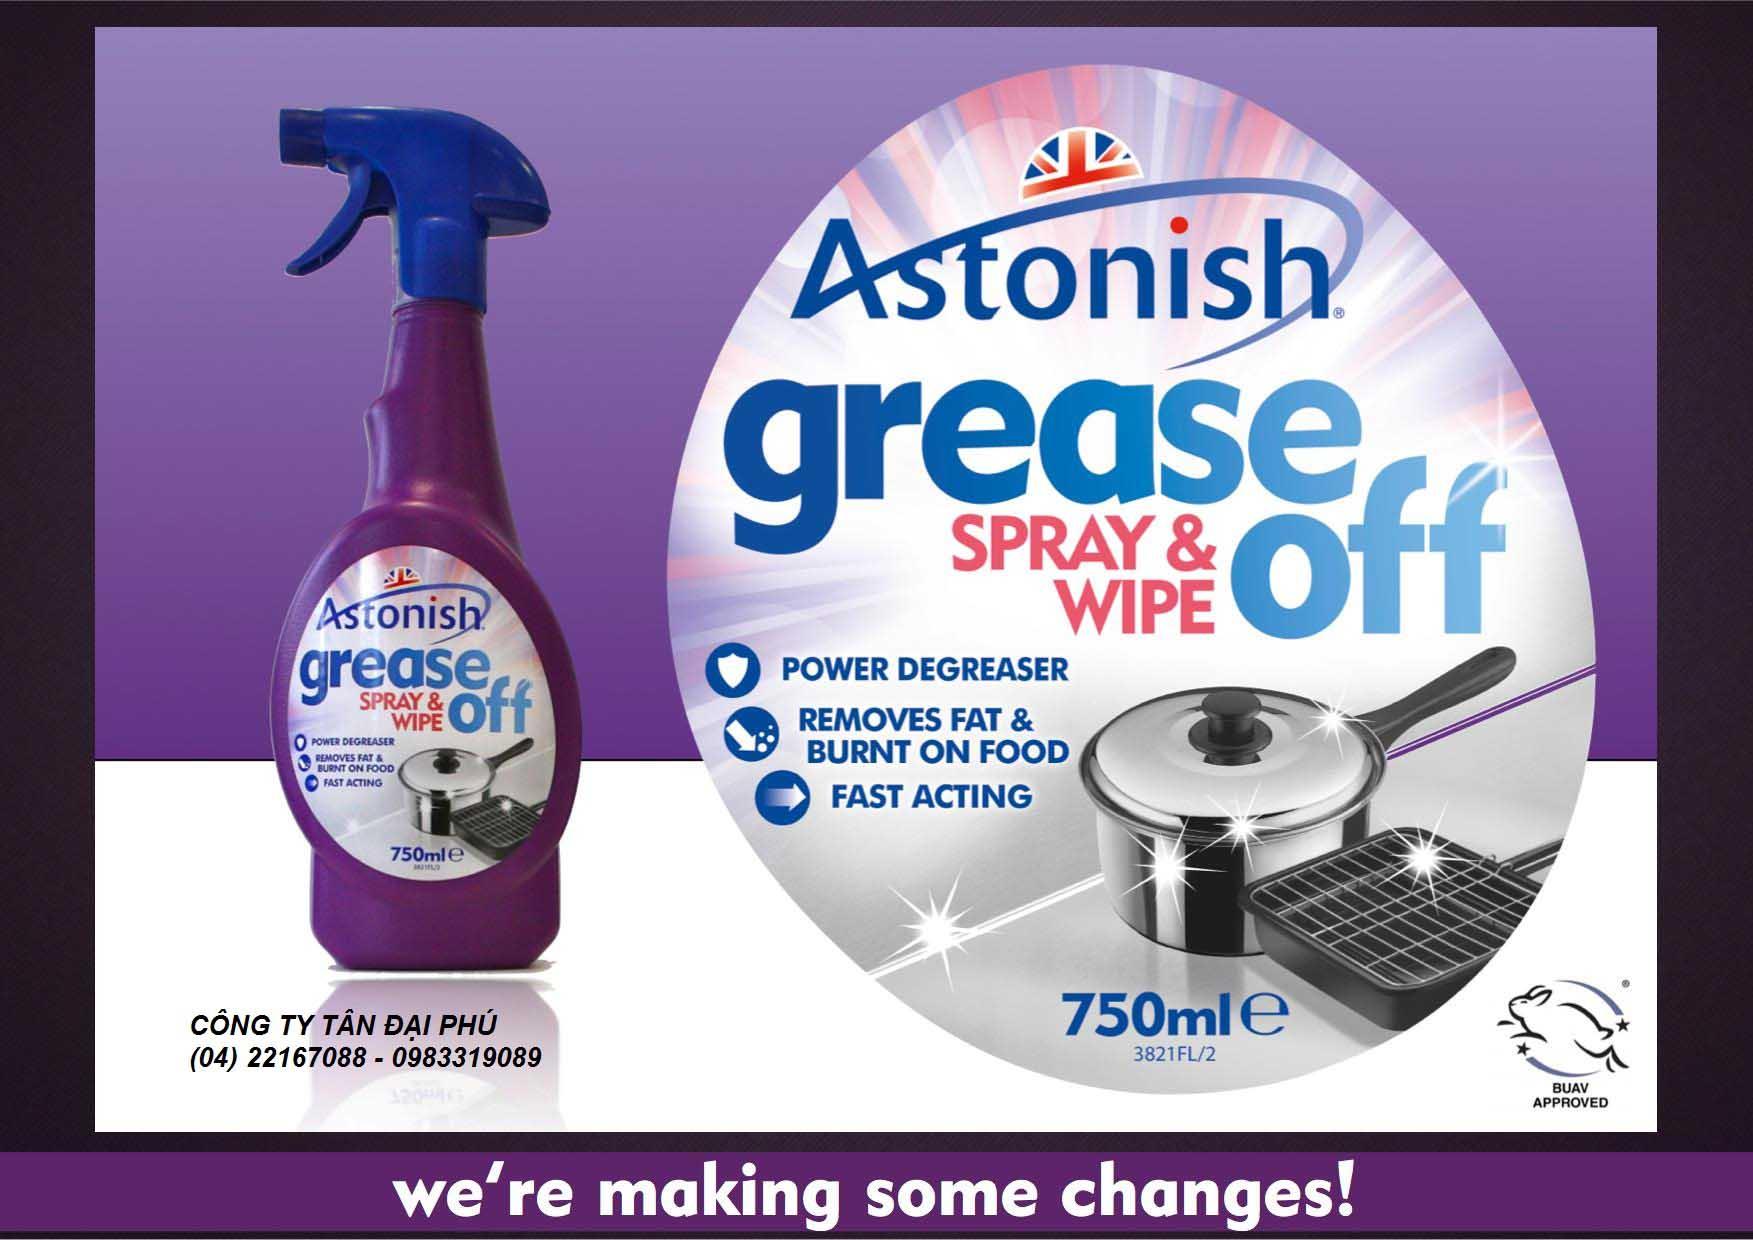 Chất tẩy rửa dầu mỡ Astonish Grease Off 750ml xuất xứ Anh Quốc